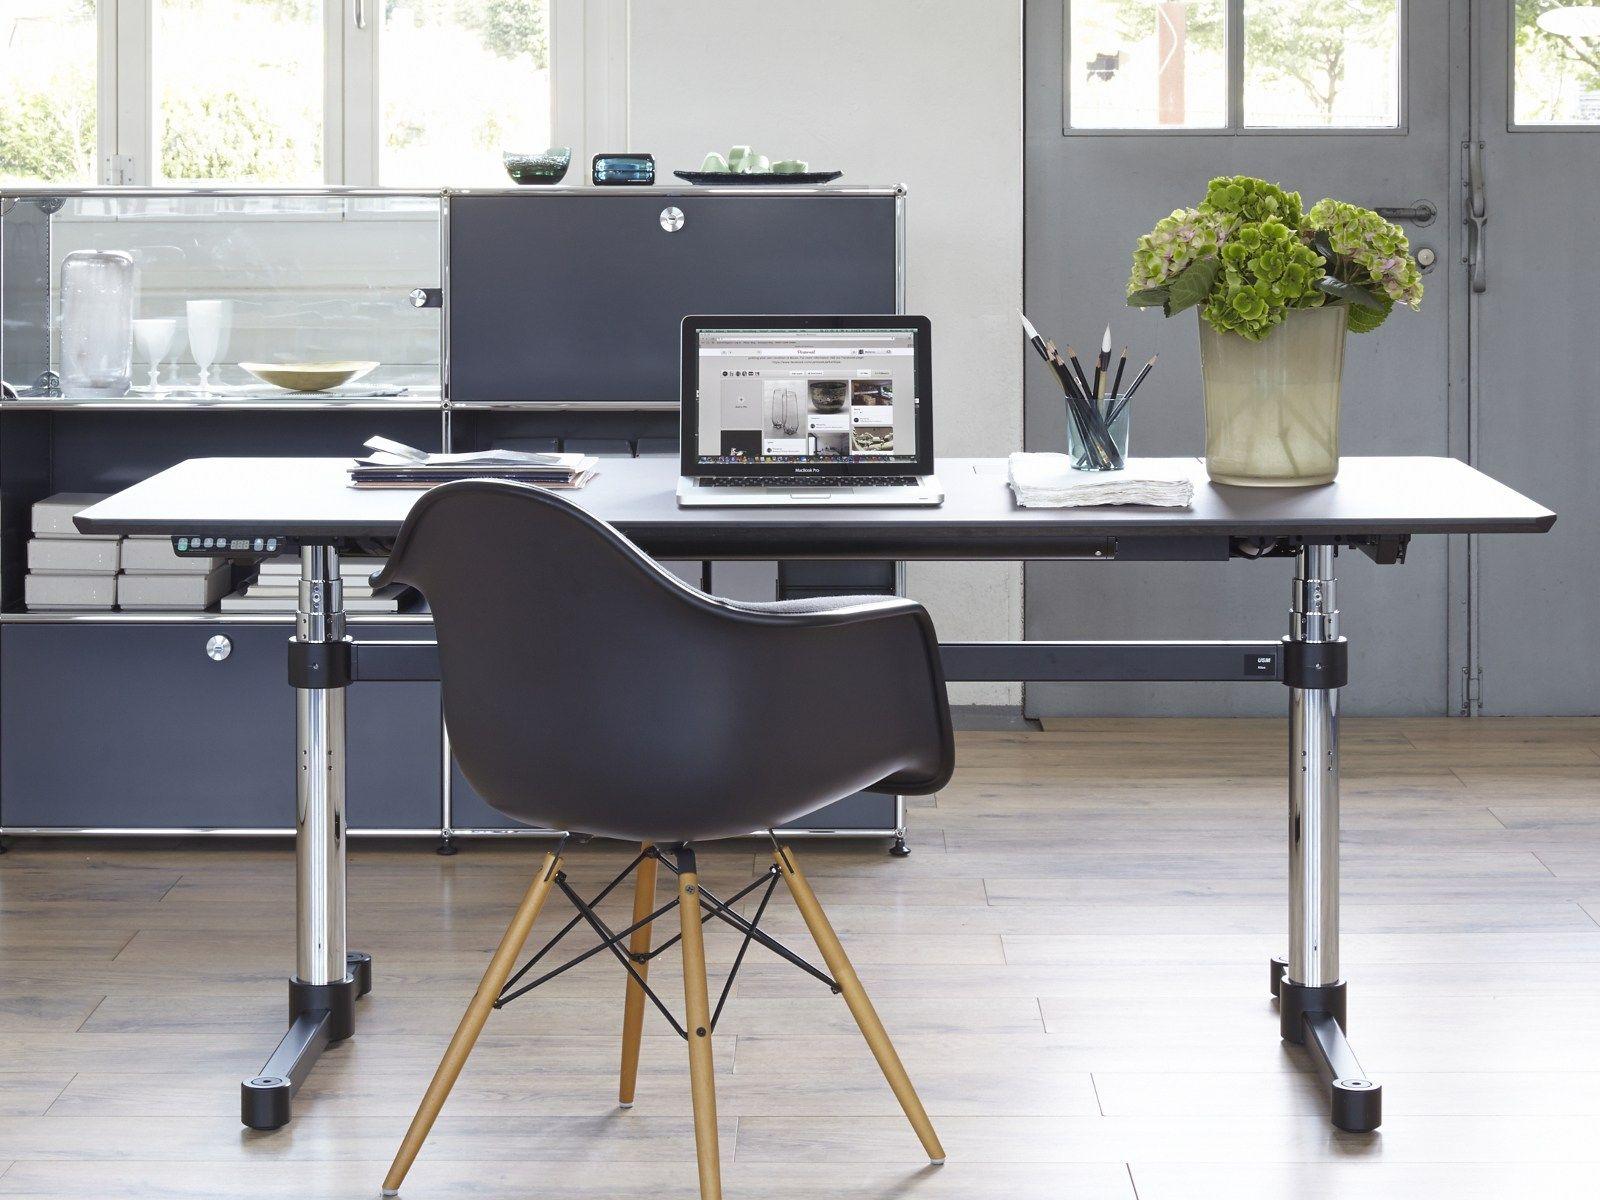 usm kitos m height adjustable office desk by usm. Black Bedroom Furniture Sets. Home Design Ideas